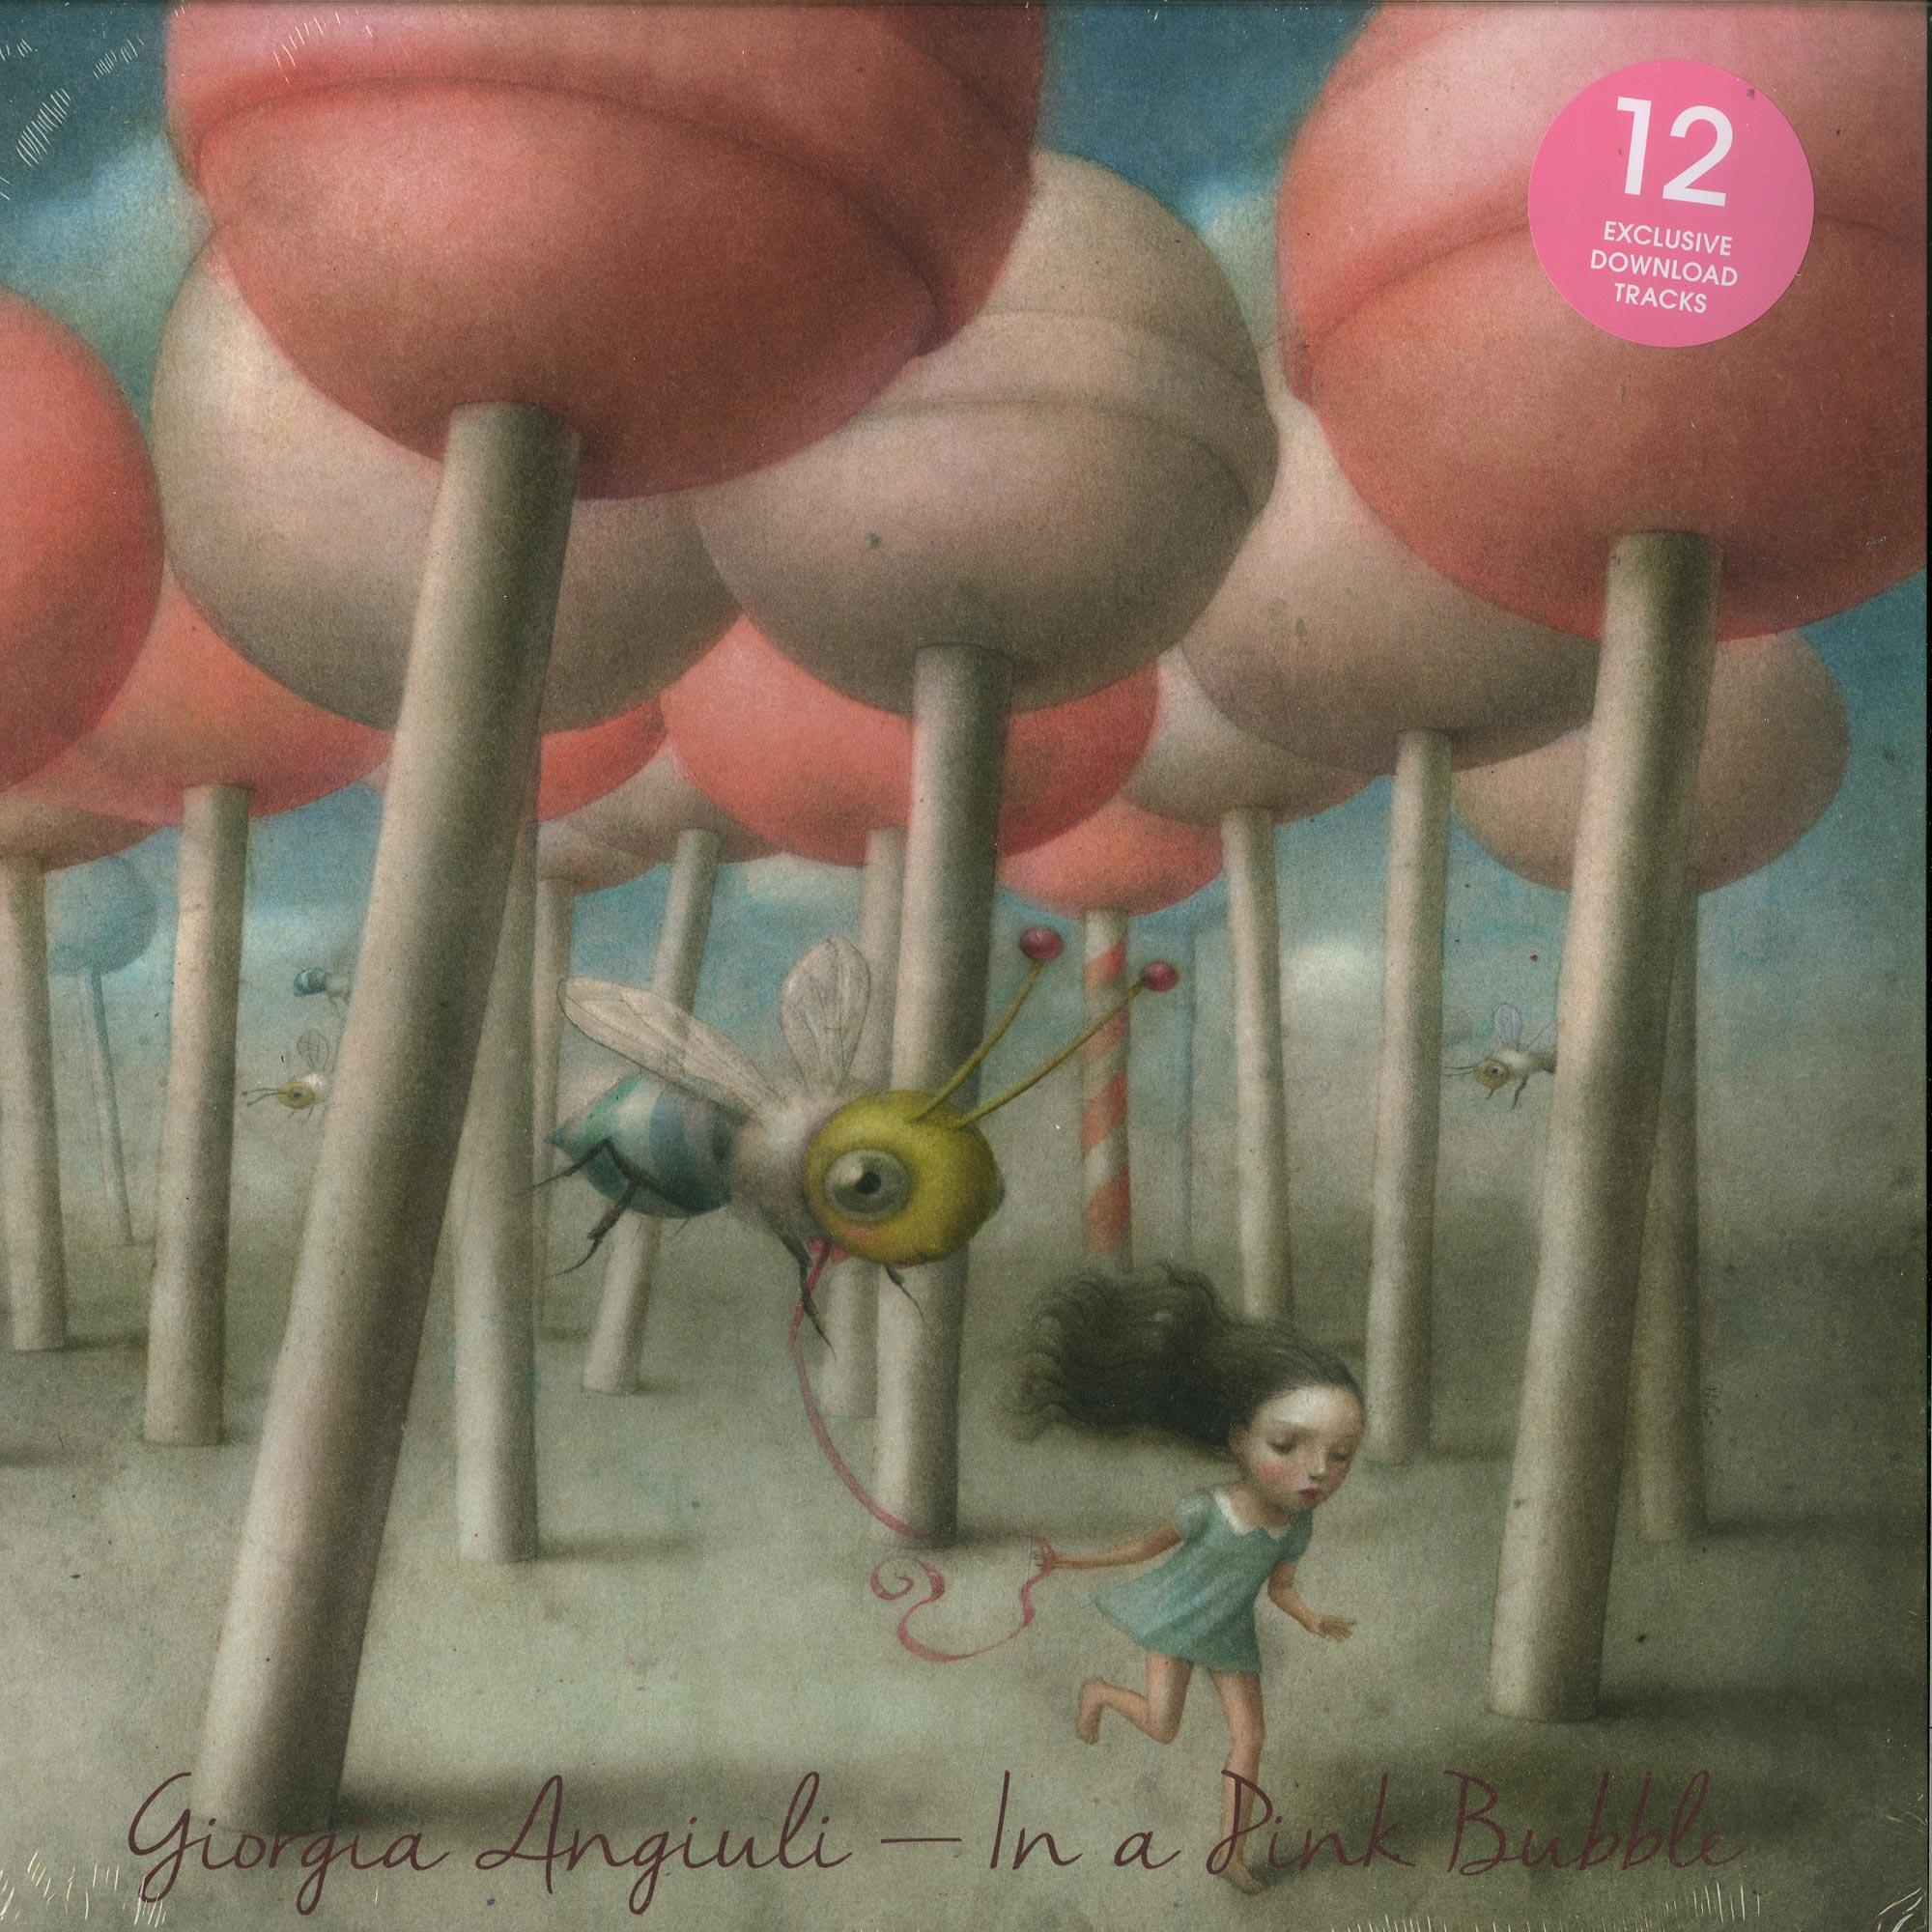 Giorgia Angiuli - IN A PINK BUBBLE